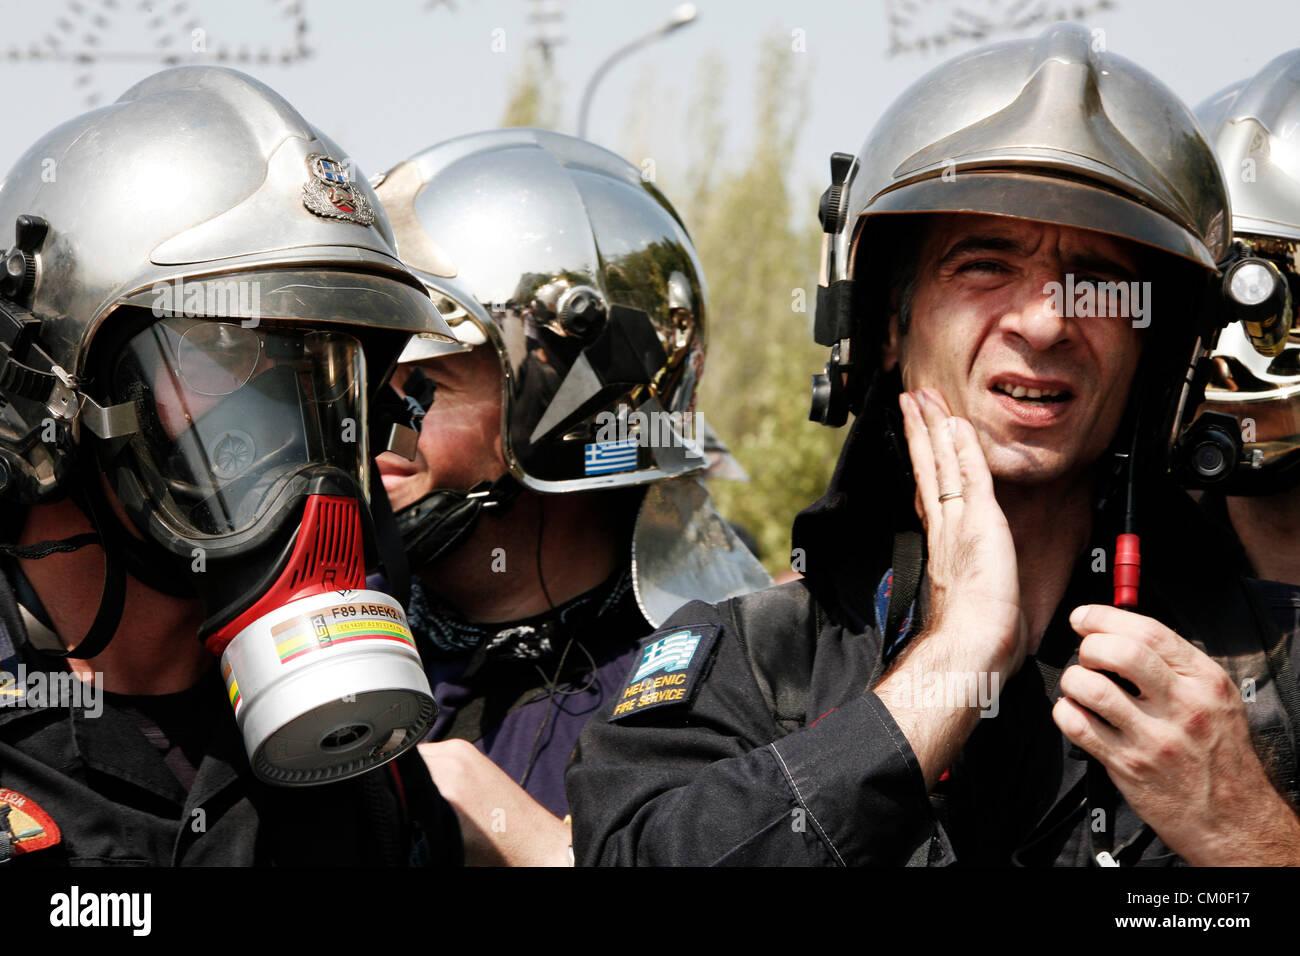 Salonicco, Grecia. 8 settembre 2012. La polizia e i vigili del fuoco e porta gli ufficiali di poliziotto protesta Immagini Stock